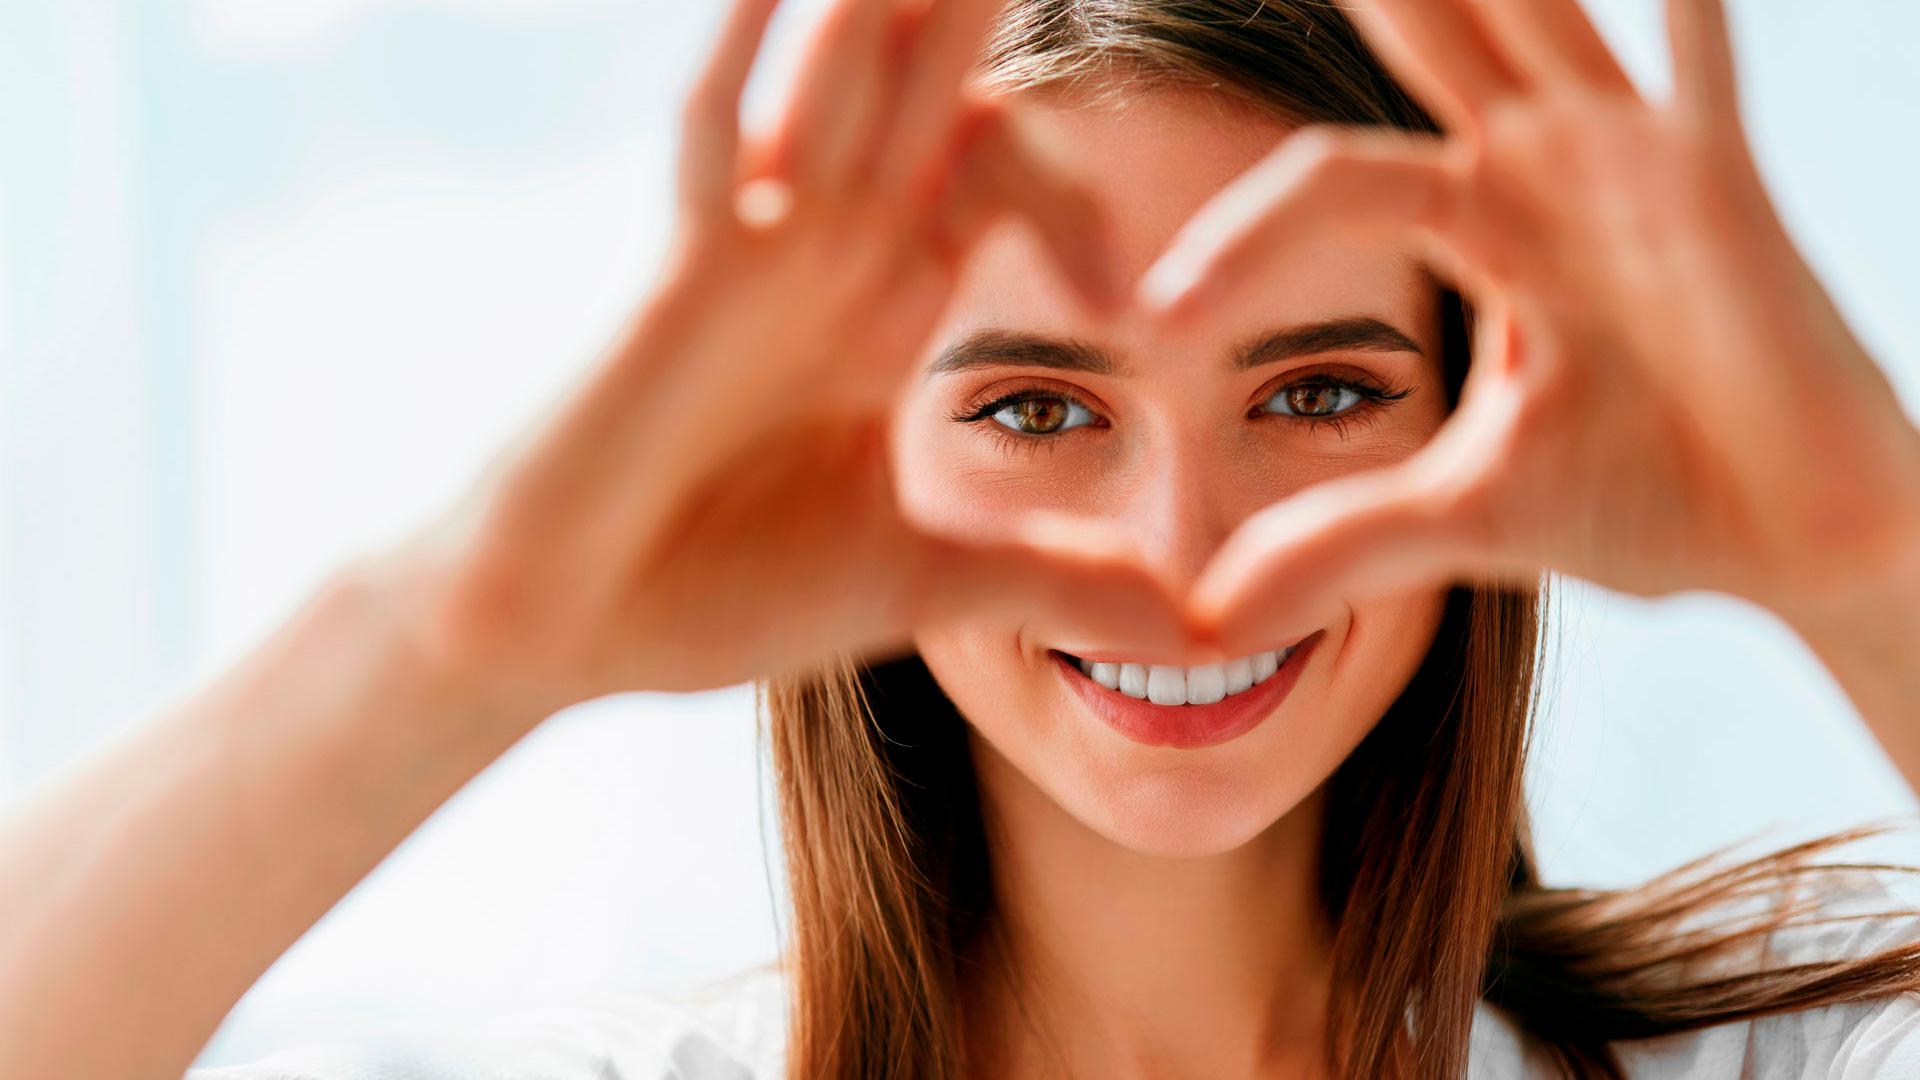 En esta Masterclass, <b>Odontología emocional DSD</b>, estudiaremos una de las aplicaciones que tiene el Digital Smile Design: la <b>odontología emocional</b>, una herramienta que permite ver al paciente de forma interactiva el resultado de su tratamiento obteniendo una respuesta emocional. <br /><br />   A la hora de presentar el DSD al paciente, la idea es que el paciente tenga una respuesta emocional a lo que nosotros le vamos a plantear. Con la <b>odontología emocional</b>, el paciente se va a ver en una pantalla y va a ver el antes y el después. Gracias a esta Masterclass, <b>Odontología emocional DSD</b>, conocerás con precisión una de las aplicaciones que tiene la tecnología DSD: la <b>odontología emocional</b>. En definitiva, conocer esta y otras aplicaciones te ayudará a planificar el tratamiento de tus pacientes, facilitando tu trabajo como odontólogo y obteniendo los mejores resultados en la clínica dental. <br /><br /> Todas nuestras Masterclass están impartidas por los mayores expertos en odontología. Gracias a nuestra Masterclass<b>Odontología emocional DSD</b>y otras como esta, que forman parte de la serie<b>Nuevas tecnologías en implantología</b>, podrás desarrollar y actualizar tus conocimientos sobre las tecnologías más avanzadas en diagnóstico y cirugía odontológica, profundizando en diferentes campos de la odontología digital, como la tecnología Digital Smile Design con aplicaciones como la <b>odontología emocional</b>, alcanzando una formación avanzada y permitiéndote profundizar enlos aspectos a tener en cuenta en la colocación de implantes dentales con criterios científicos y de excelencia, abordando las últimas tendencias y técnicas más actuales en el sector odontológico. <br /><br /> Desde Knotgroup Dental Institute te invitamos a que explores a través de nuestra web y encuentres otras masterclass como <b>Odontología emocional DSD</b> para actualizar tus conocimientos y aplicarlos a tu clínica dental, así como la amplia gama de cursos que of